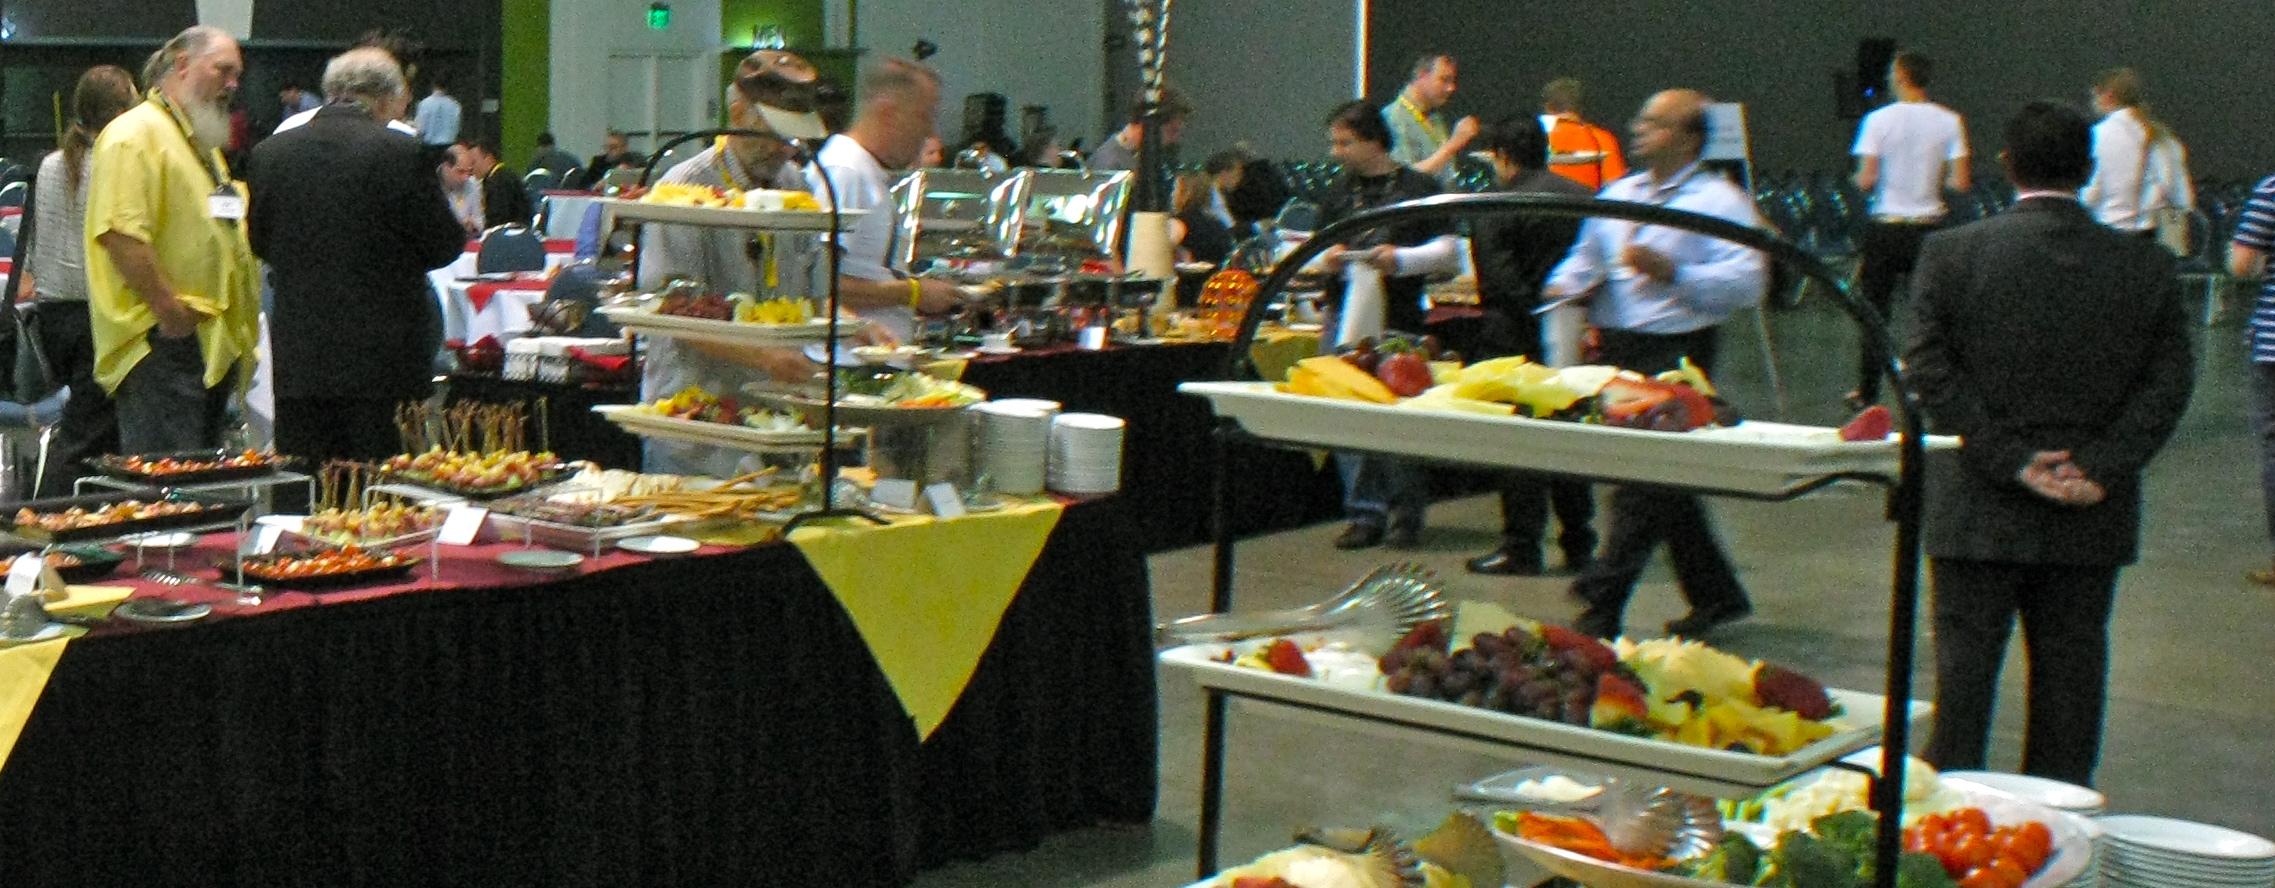 Bitcoin 2013 Party